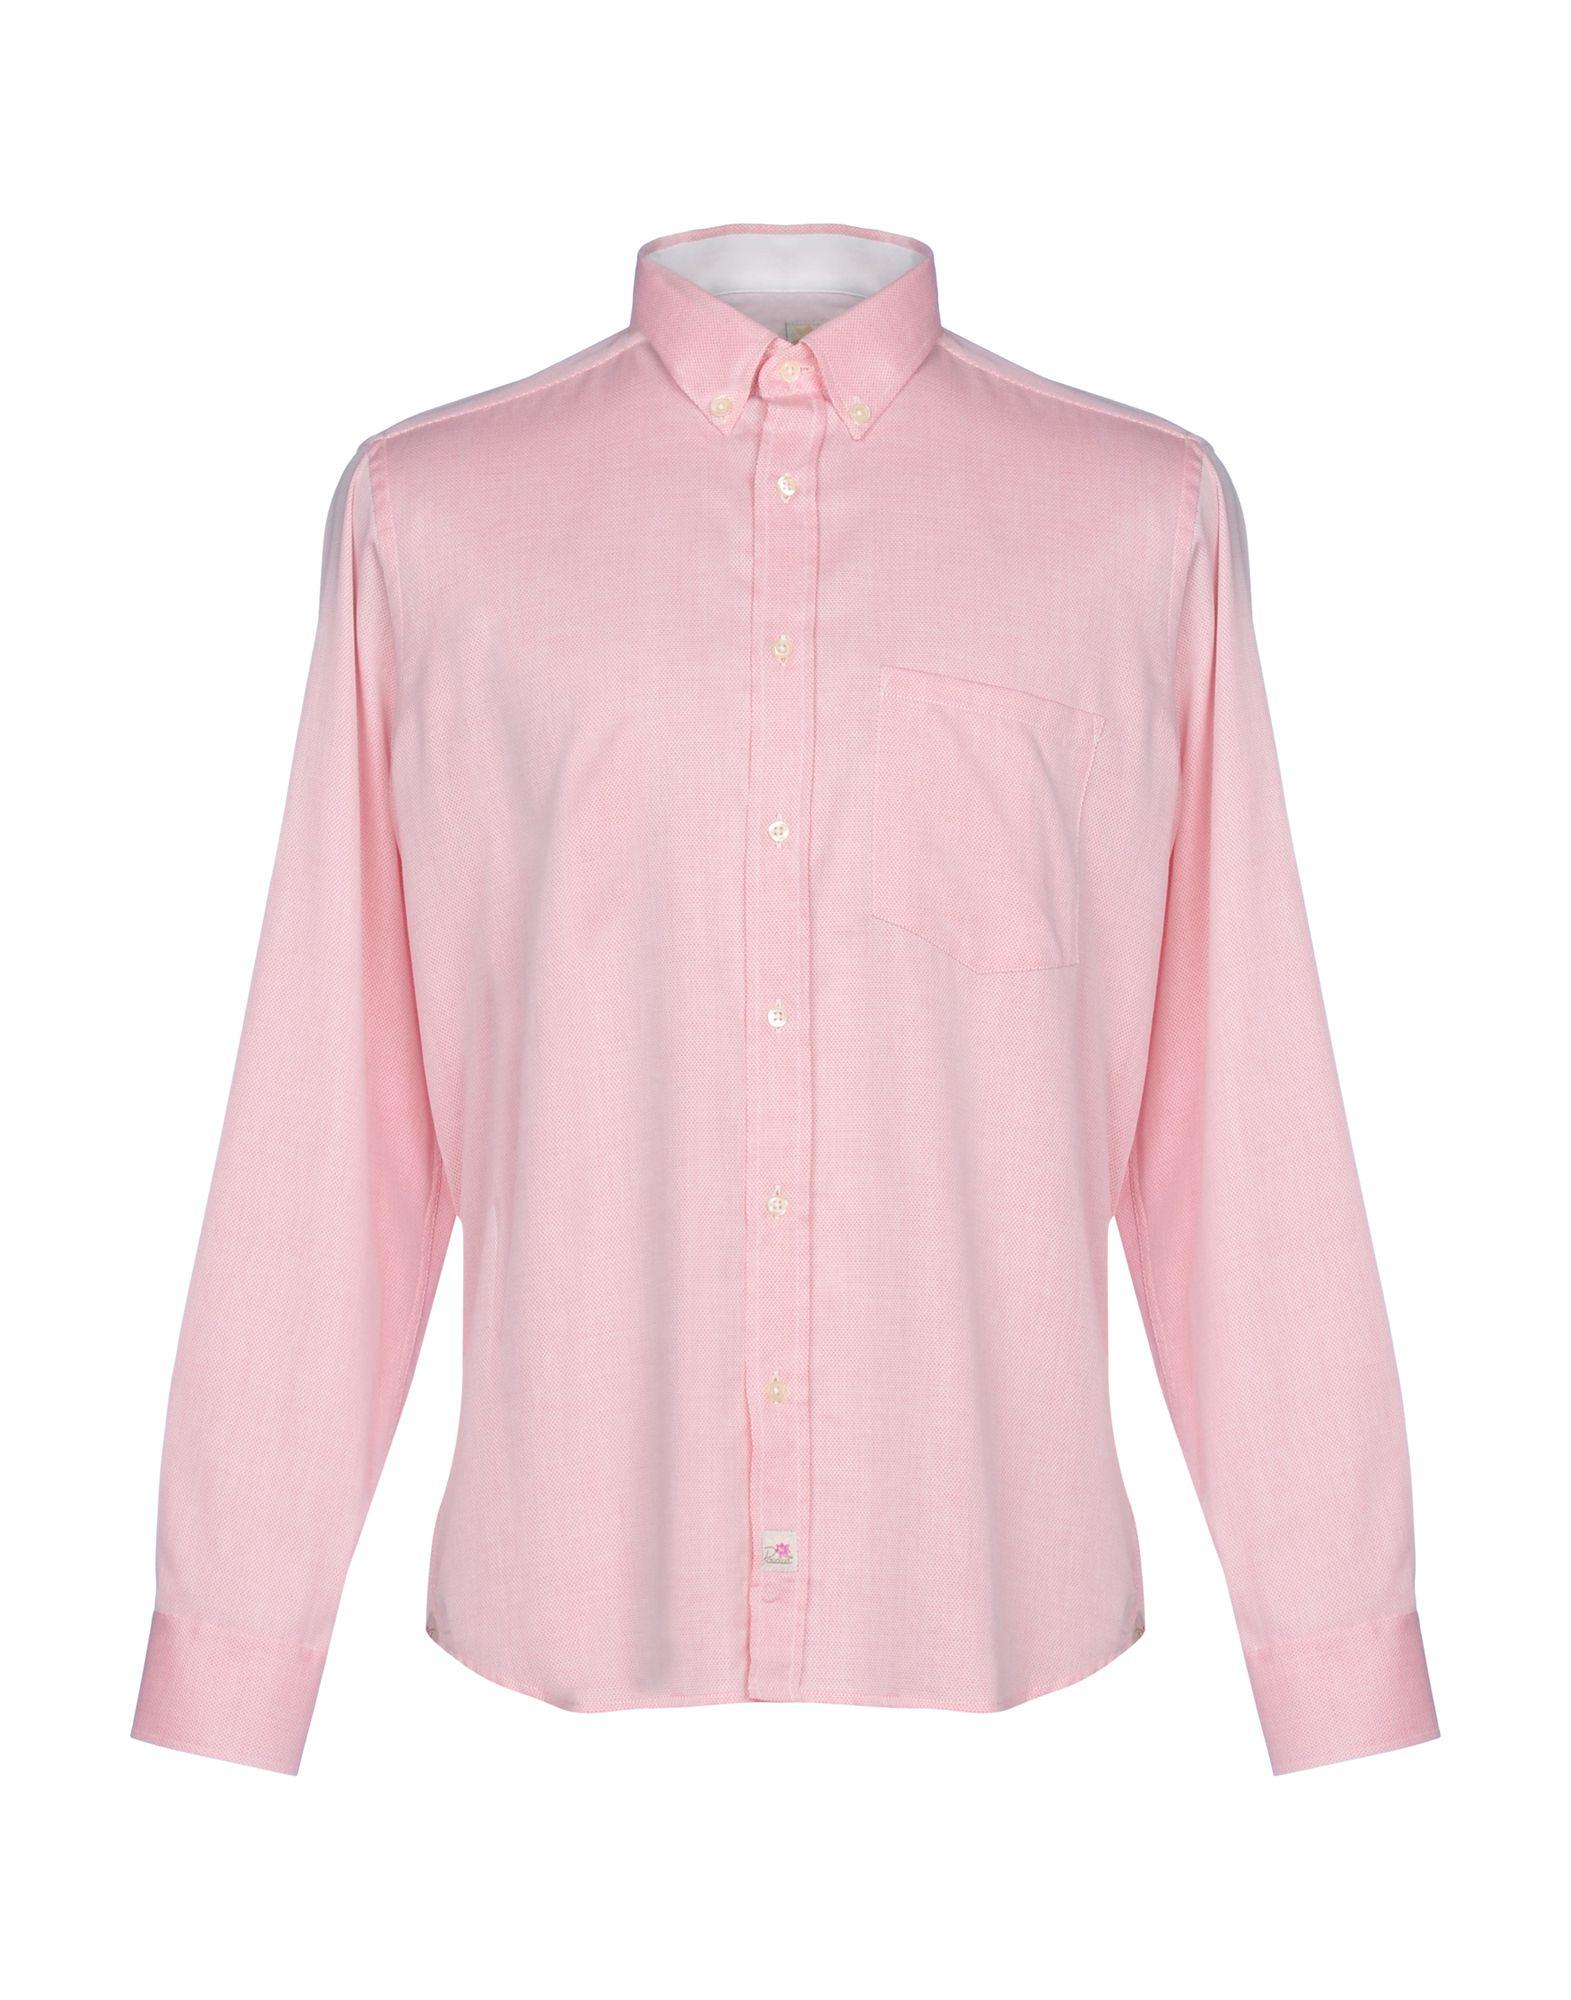 《送料無料》PANAMA メンズ シャツ レッド M コットン 100%